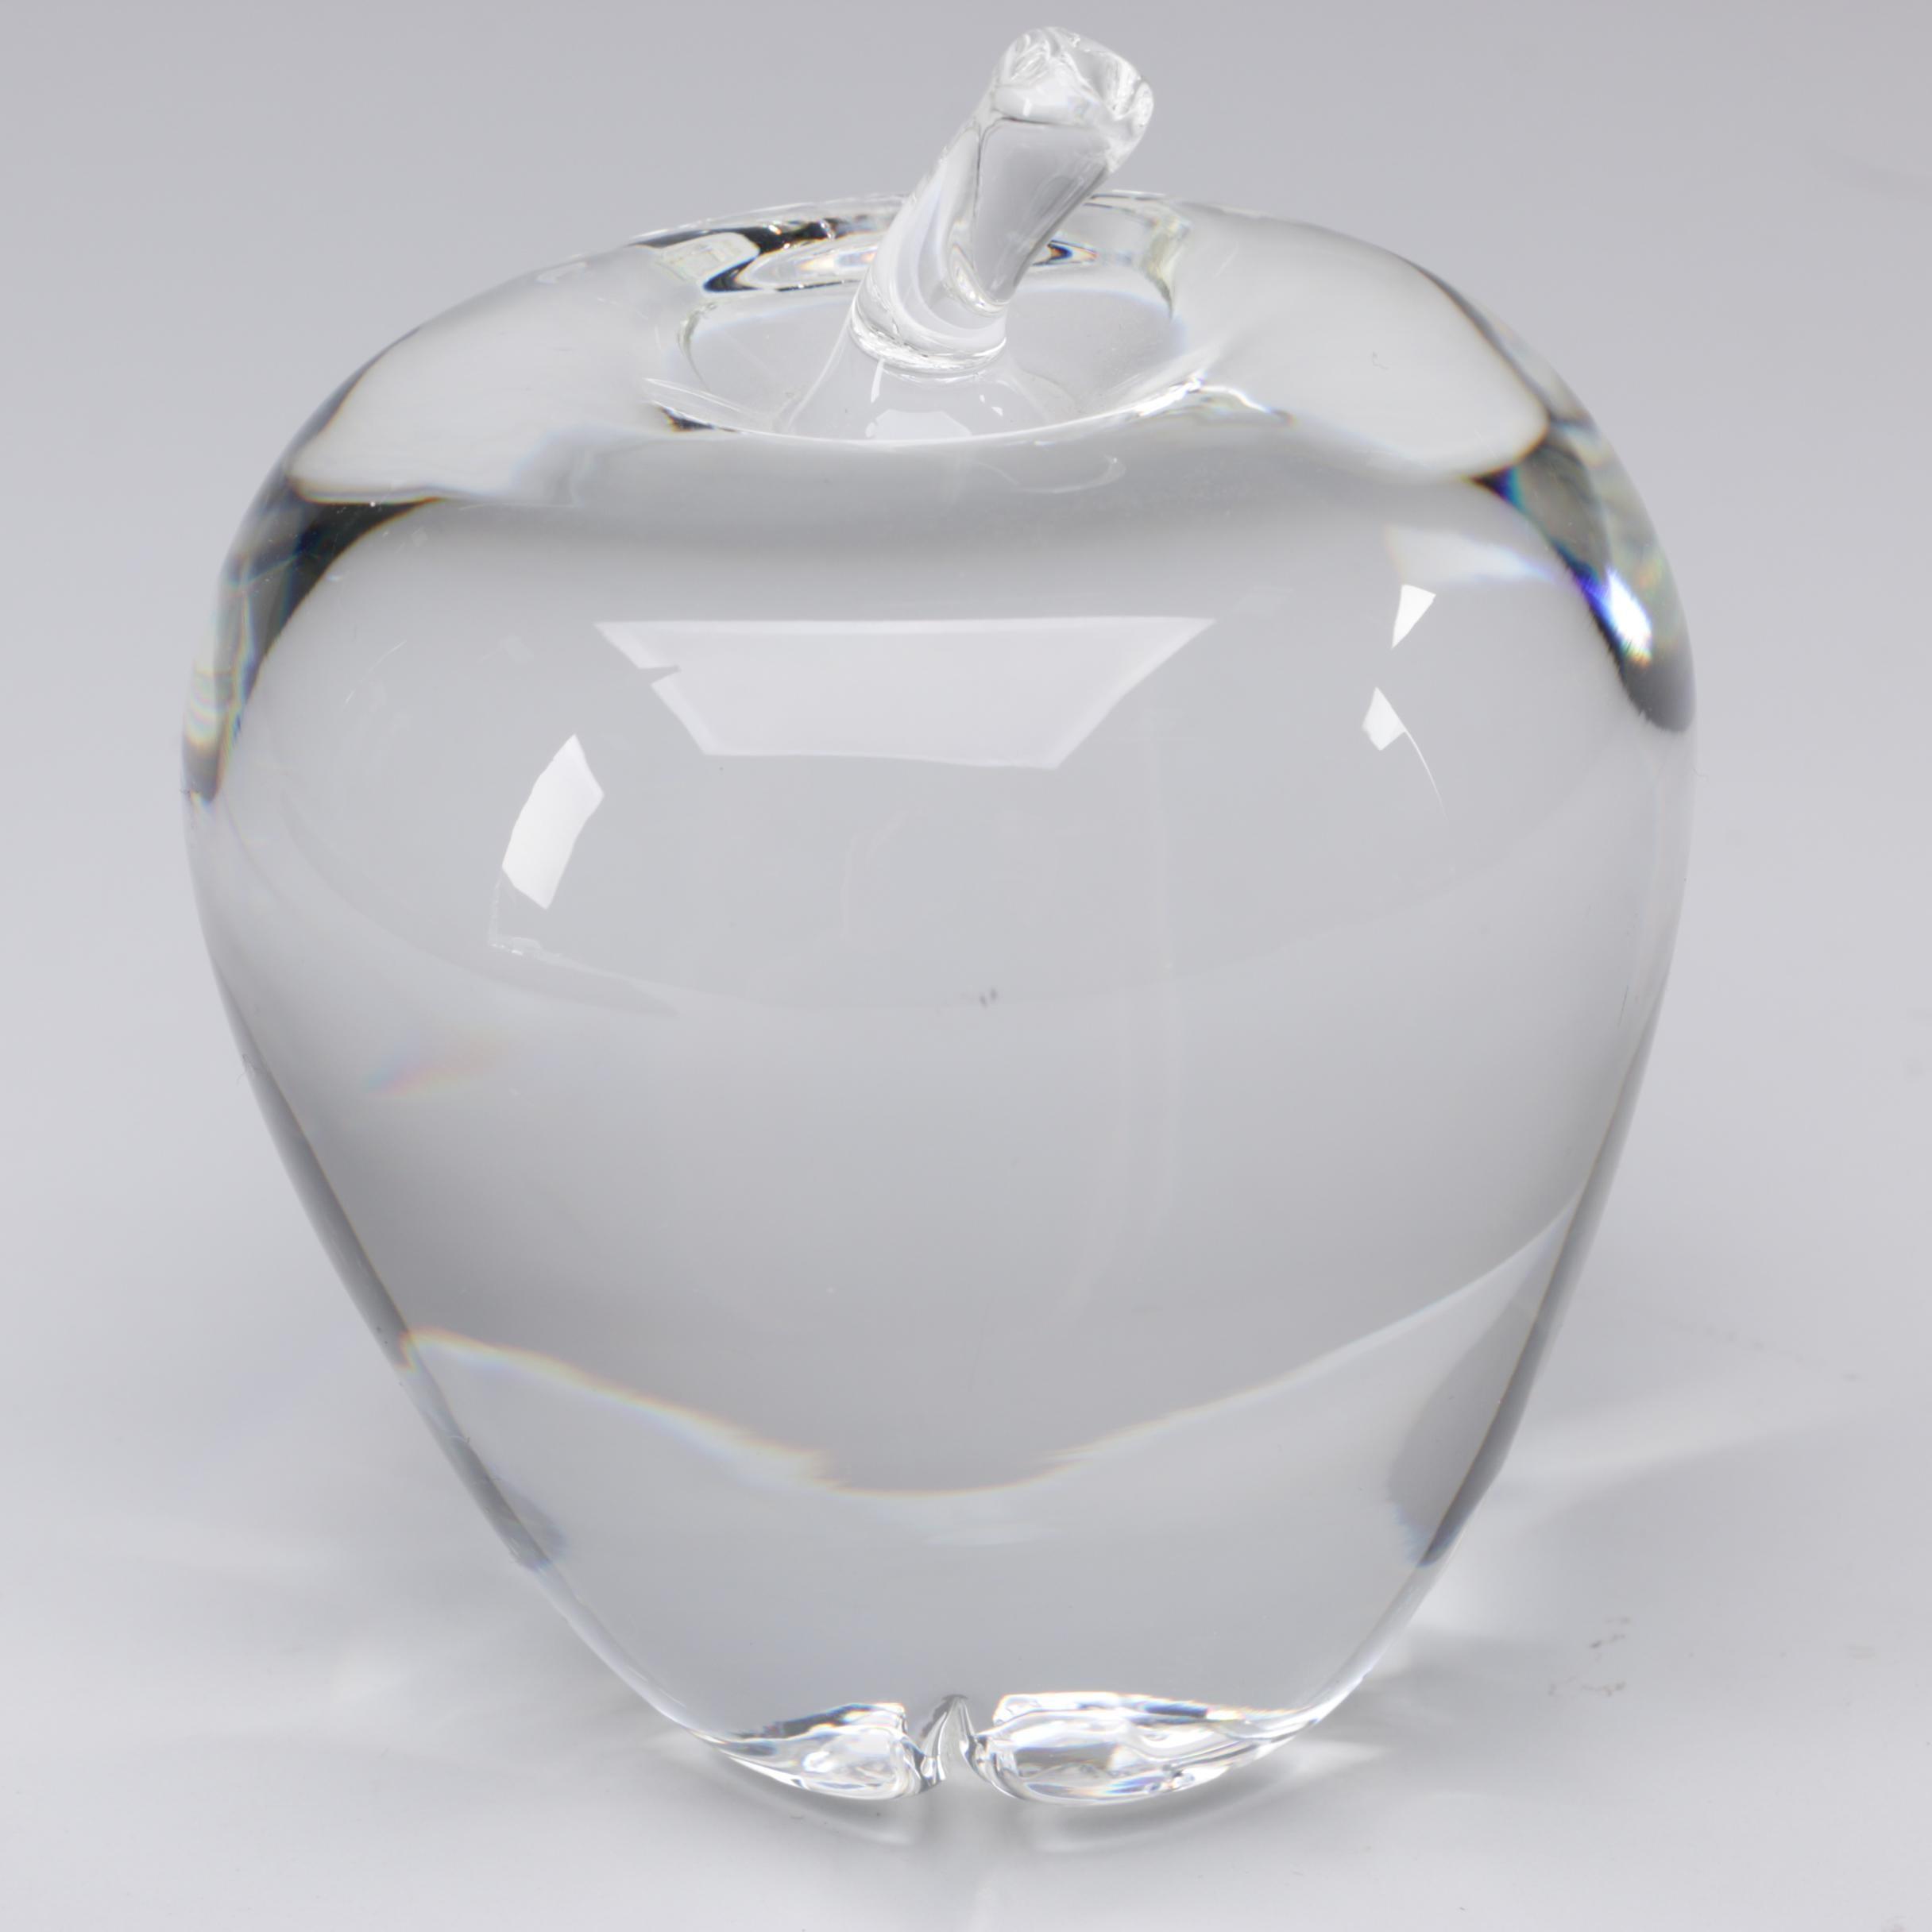 """Steuben Art Glass """"Apple"""" Figurine Designed by Jeanne Leach, 1949"""